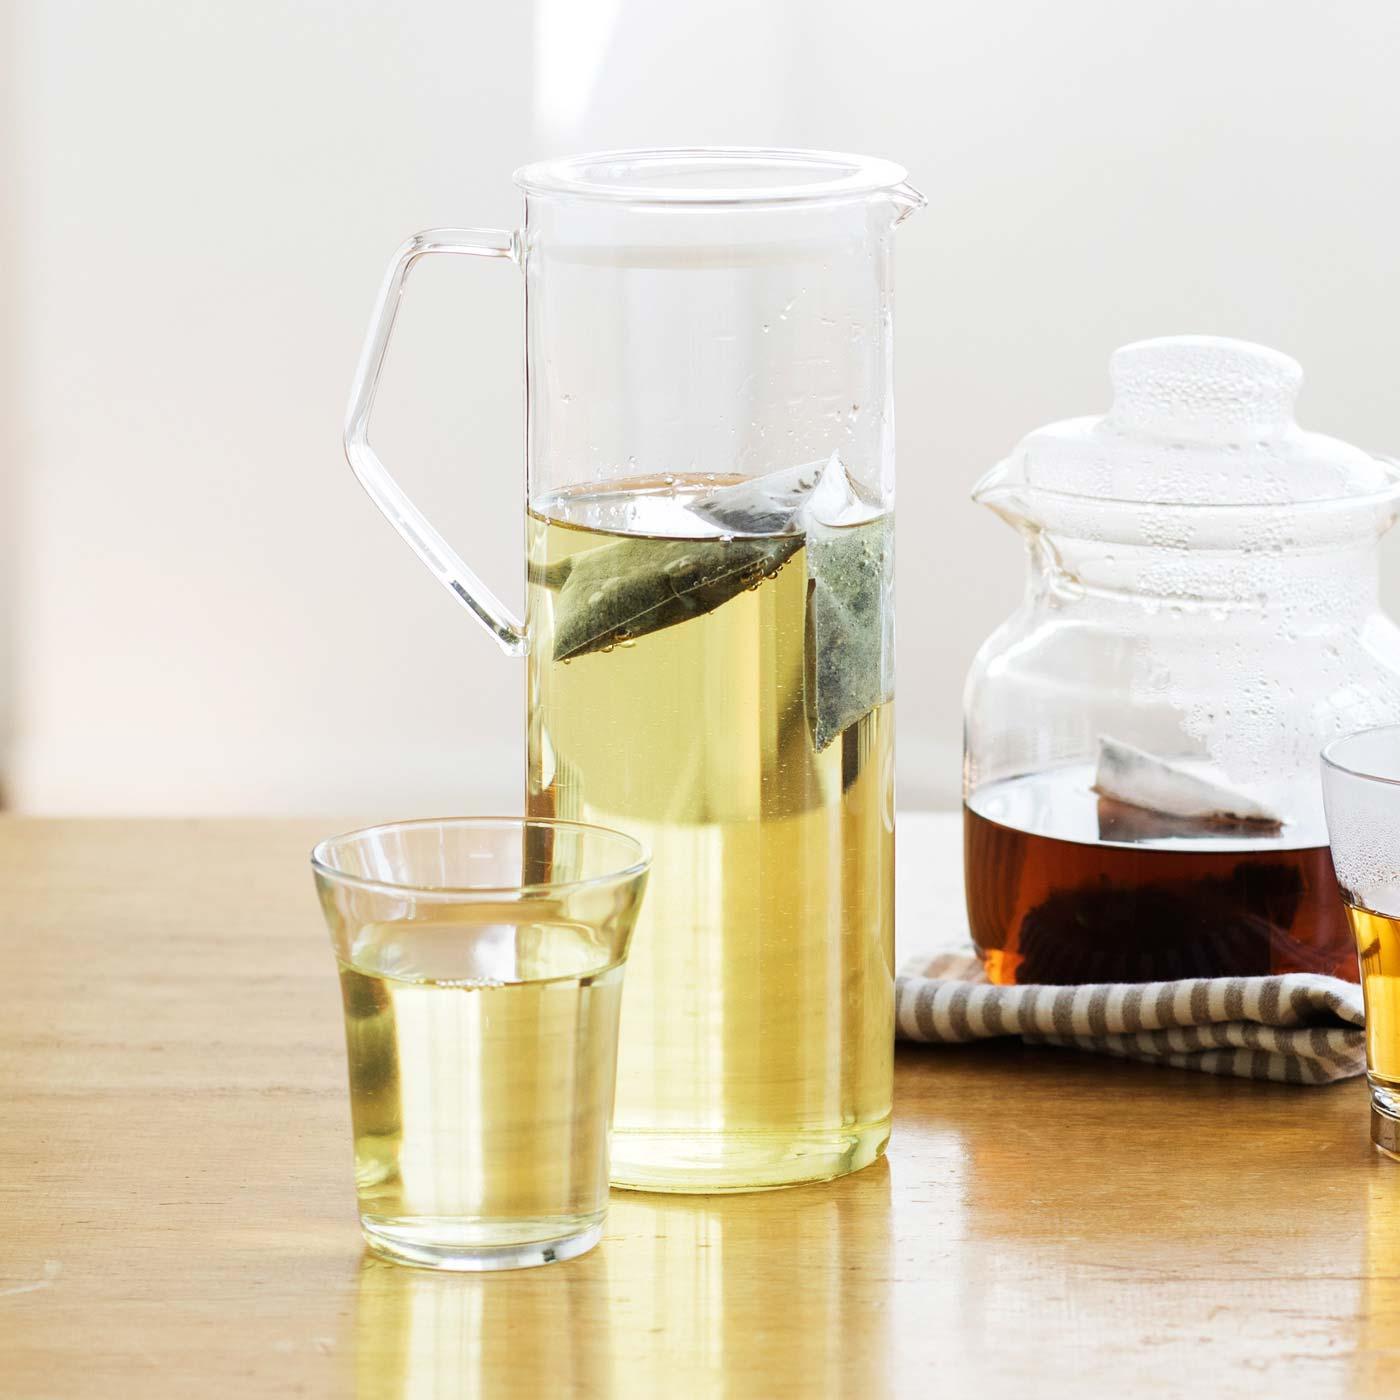 おいしい飲み方 水1リットルに1、2パックを入れて30分ほどで水出しできます。お試しいただき、お好みの濃さでどうぞ。冷たく冷やすときりっと清々しい飲み口に。